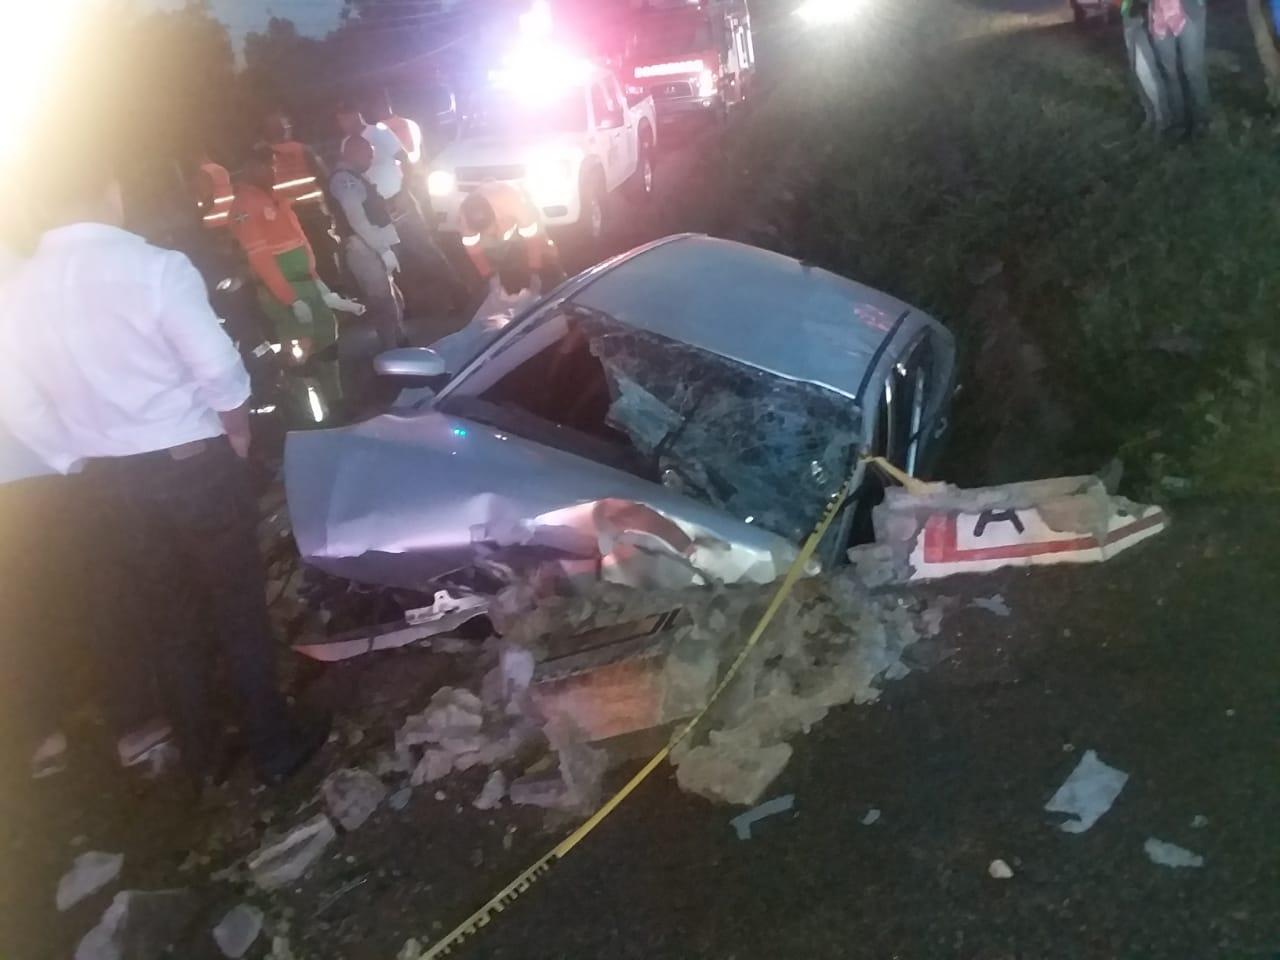 Actriz Porno Fallecida Accidente mueren tres mujeres y otra resultó herida en accidente de